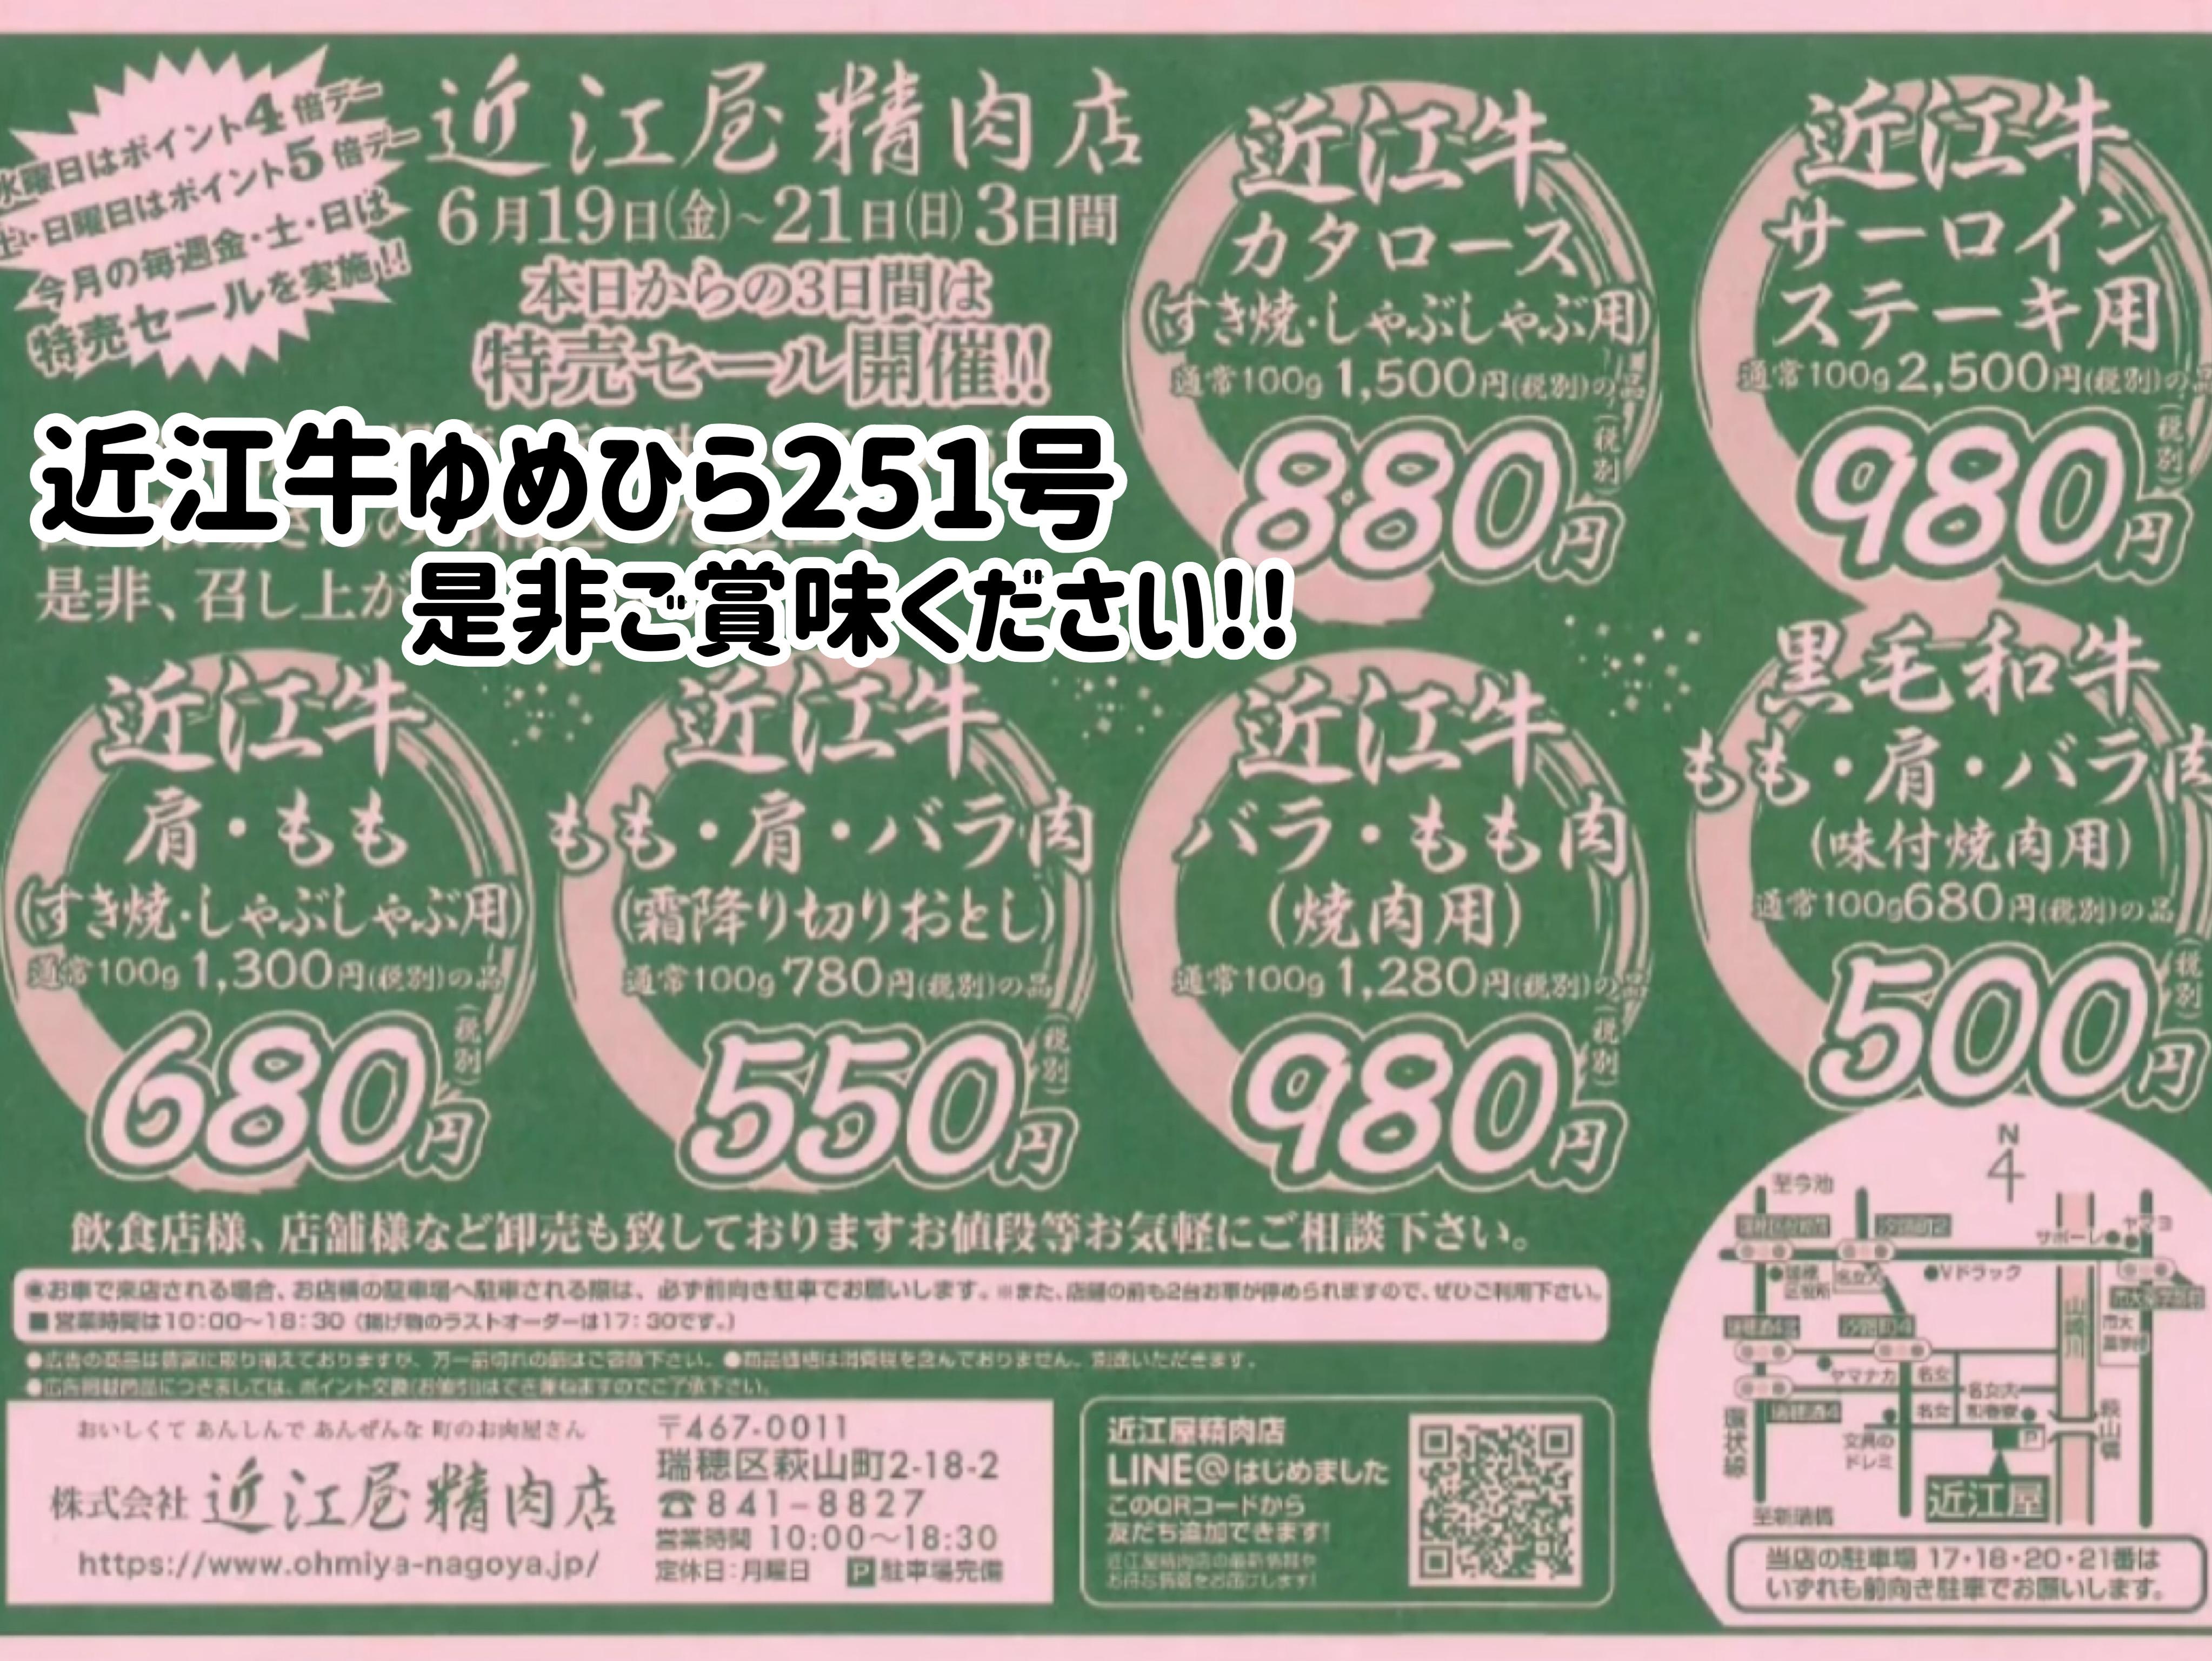 6/19~21 父の日応援&近江牛セール!